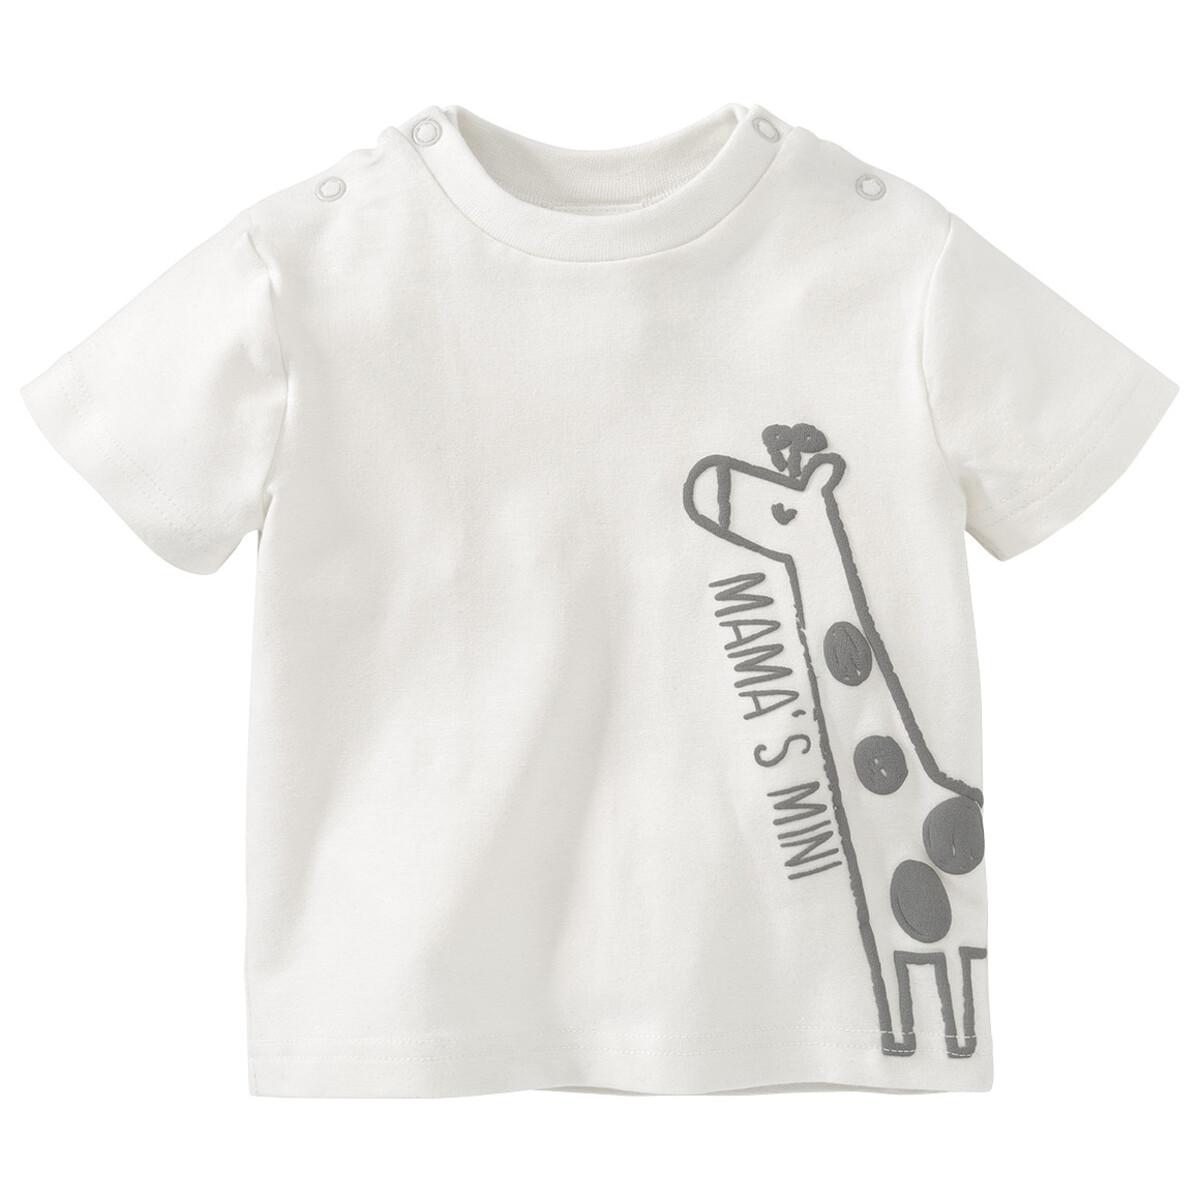 Bild 3 von Newborn T-Shirt, Hose und Bandana im Set